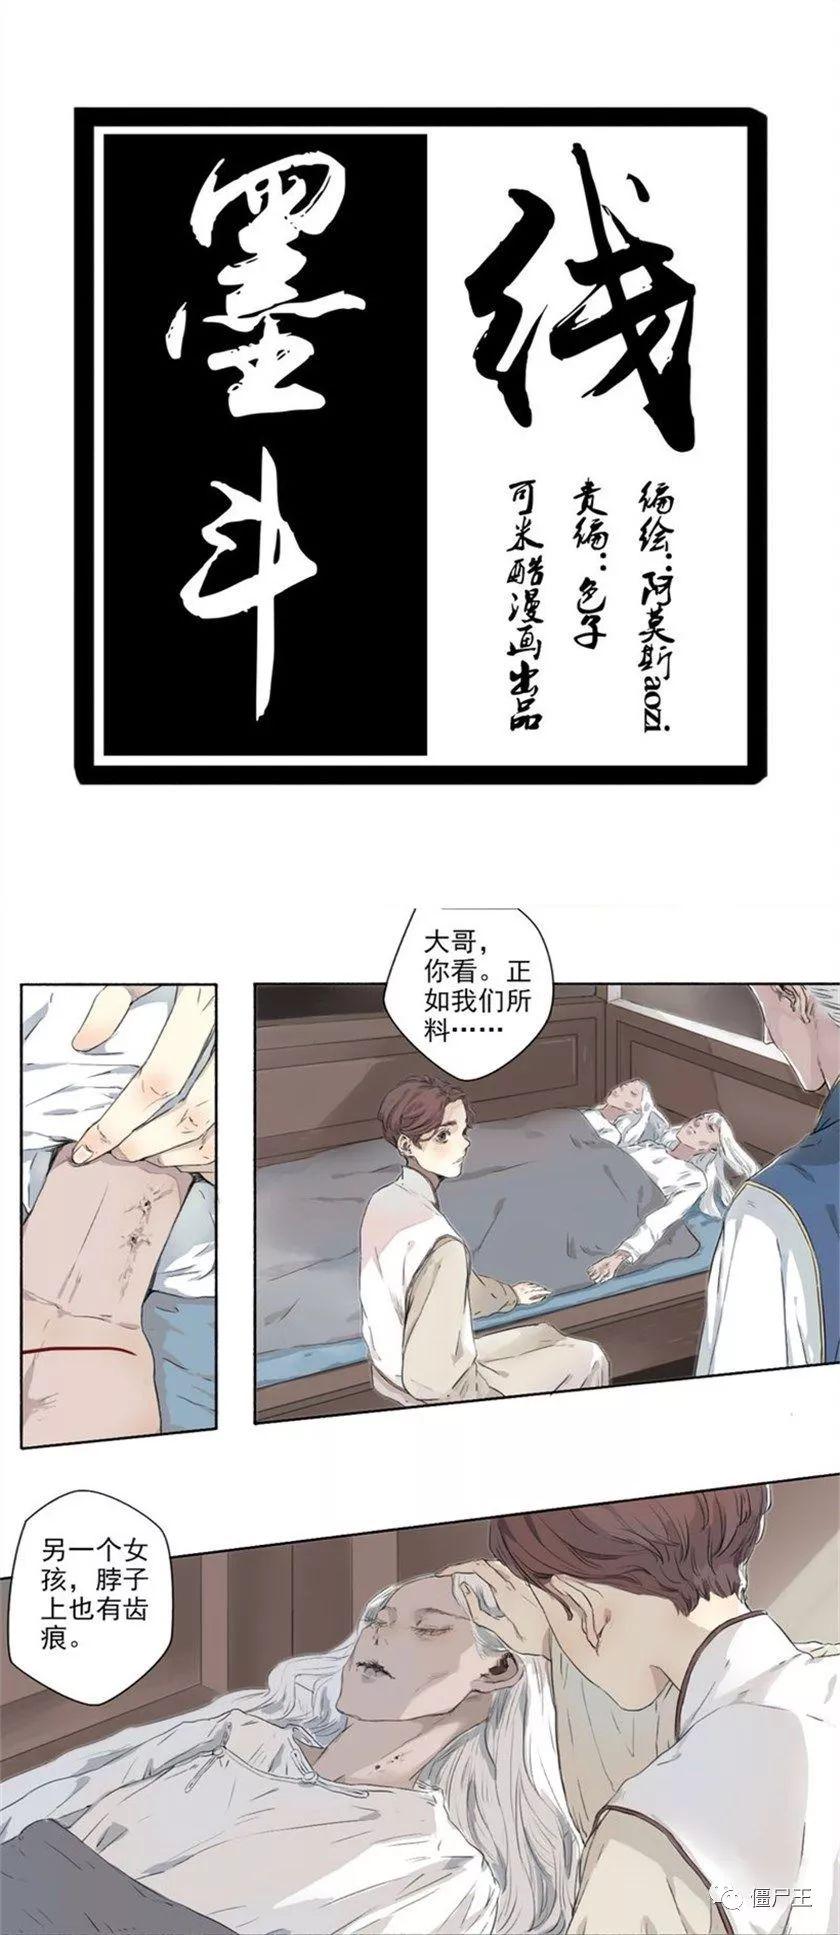 僵尸王漫画:《墨斗线》11~15话